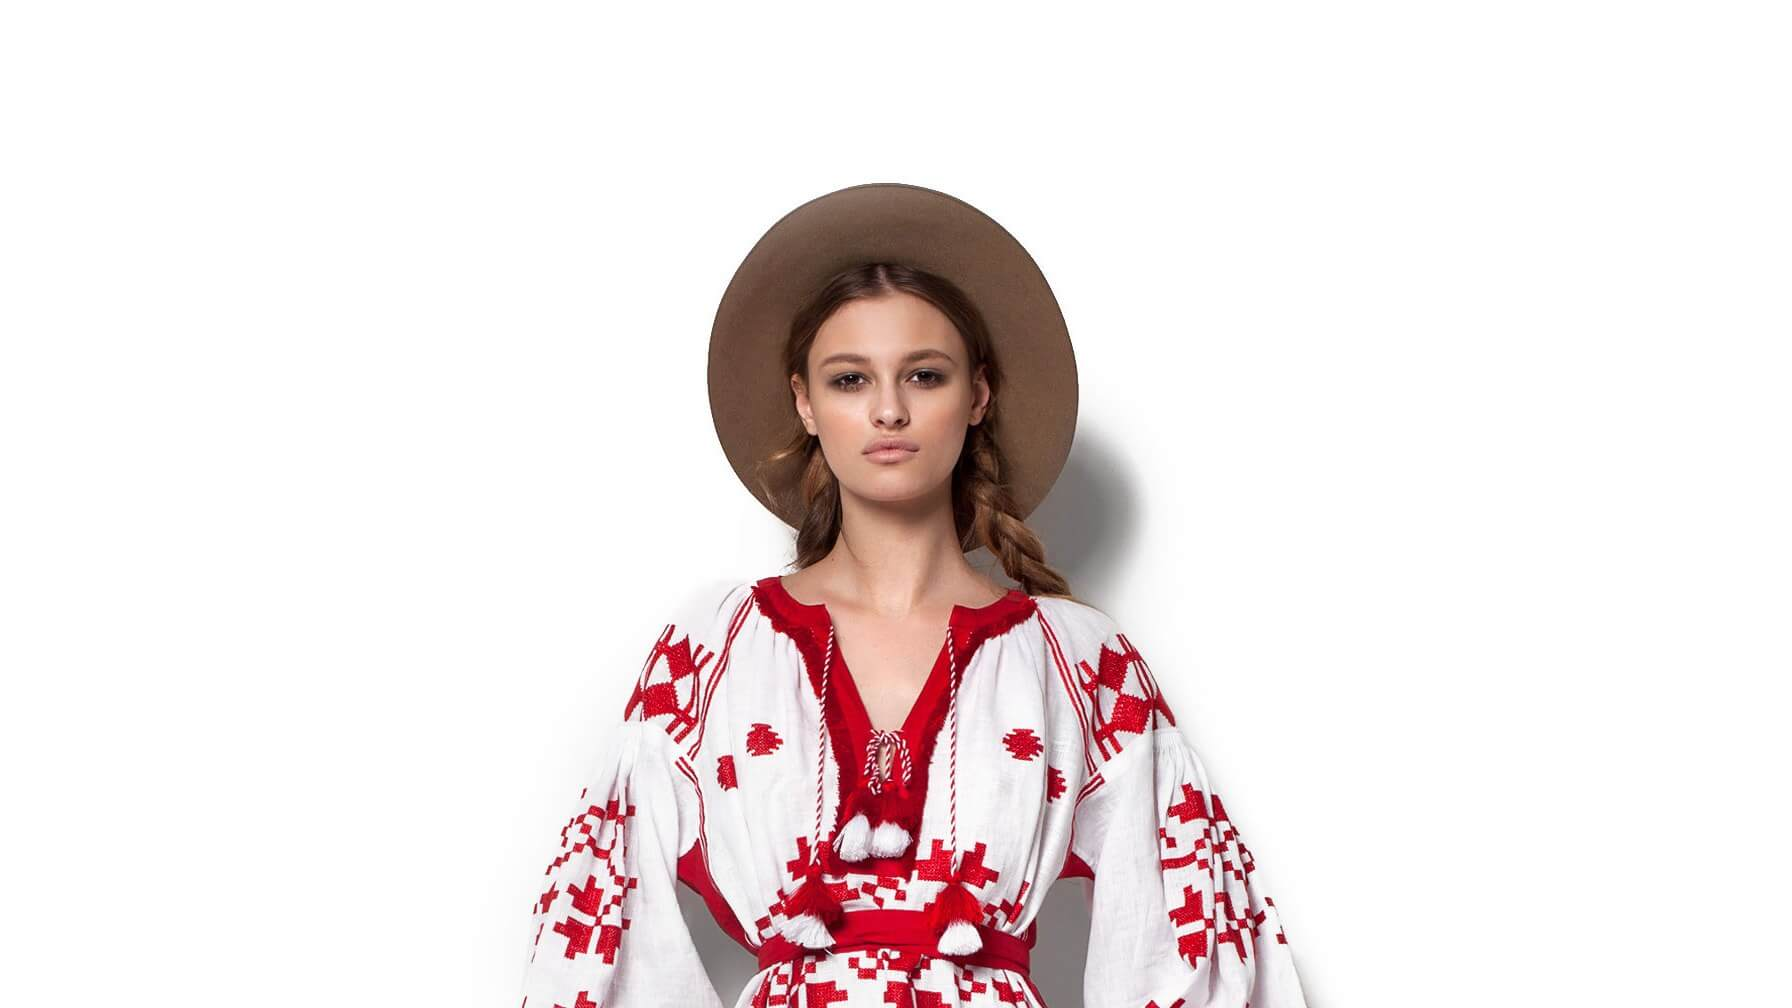 holding-ukrainian-dress1719A242-1C42-80A0-EF60-85259DBD929E.jpg